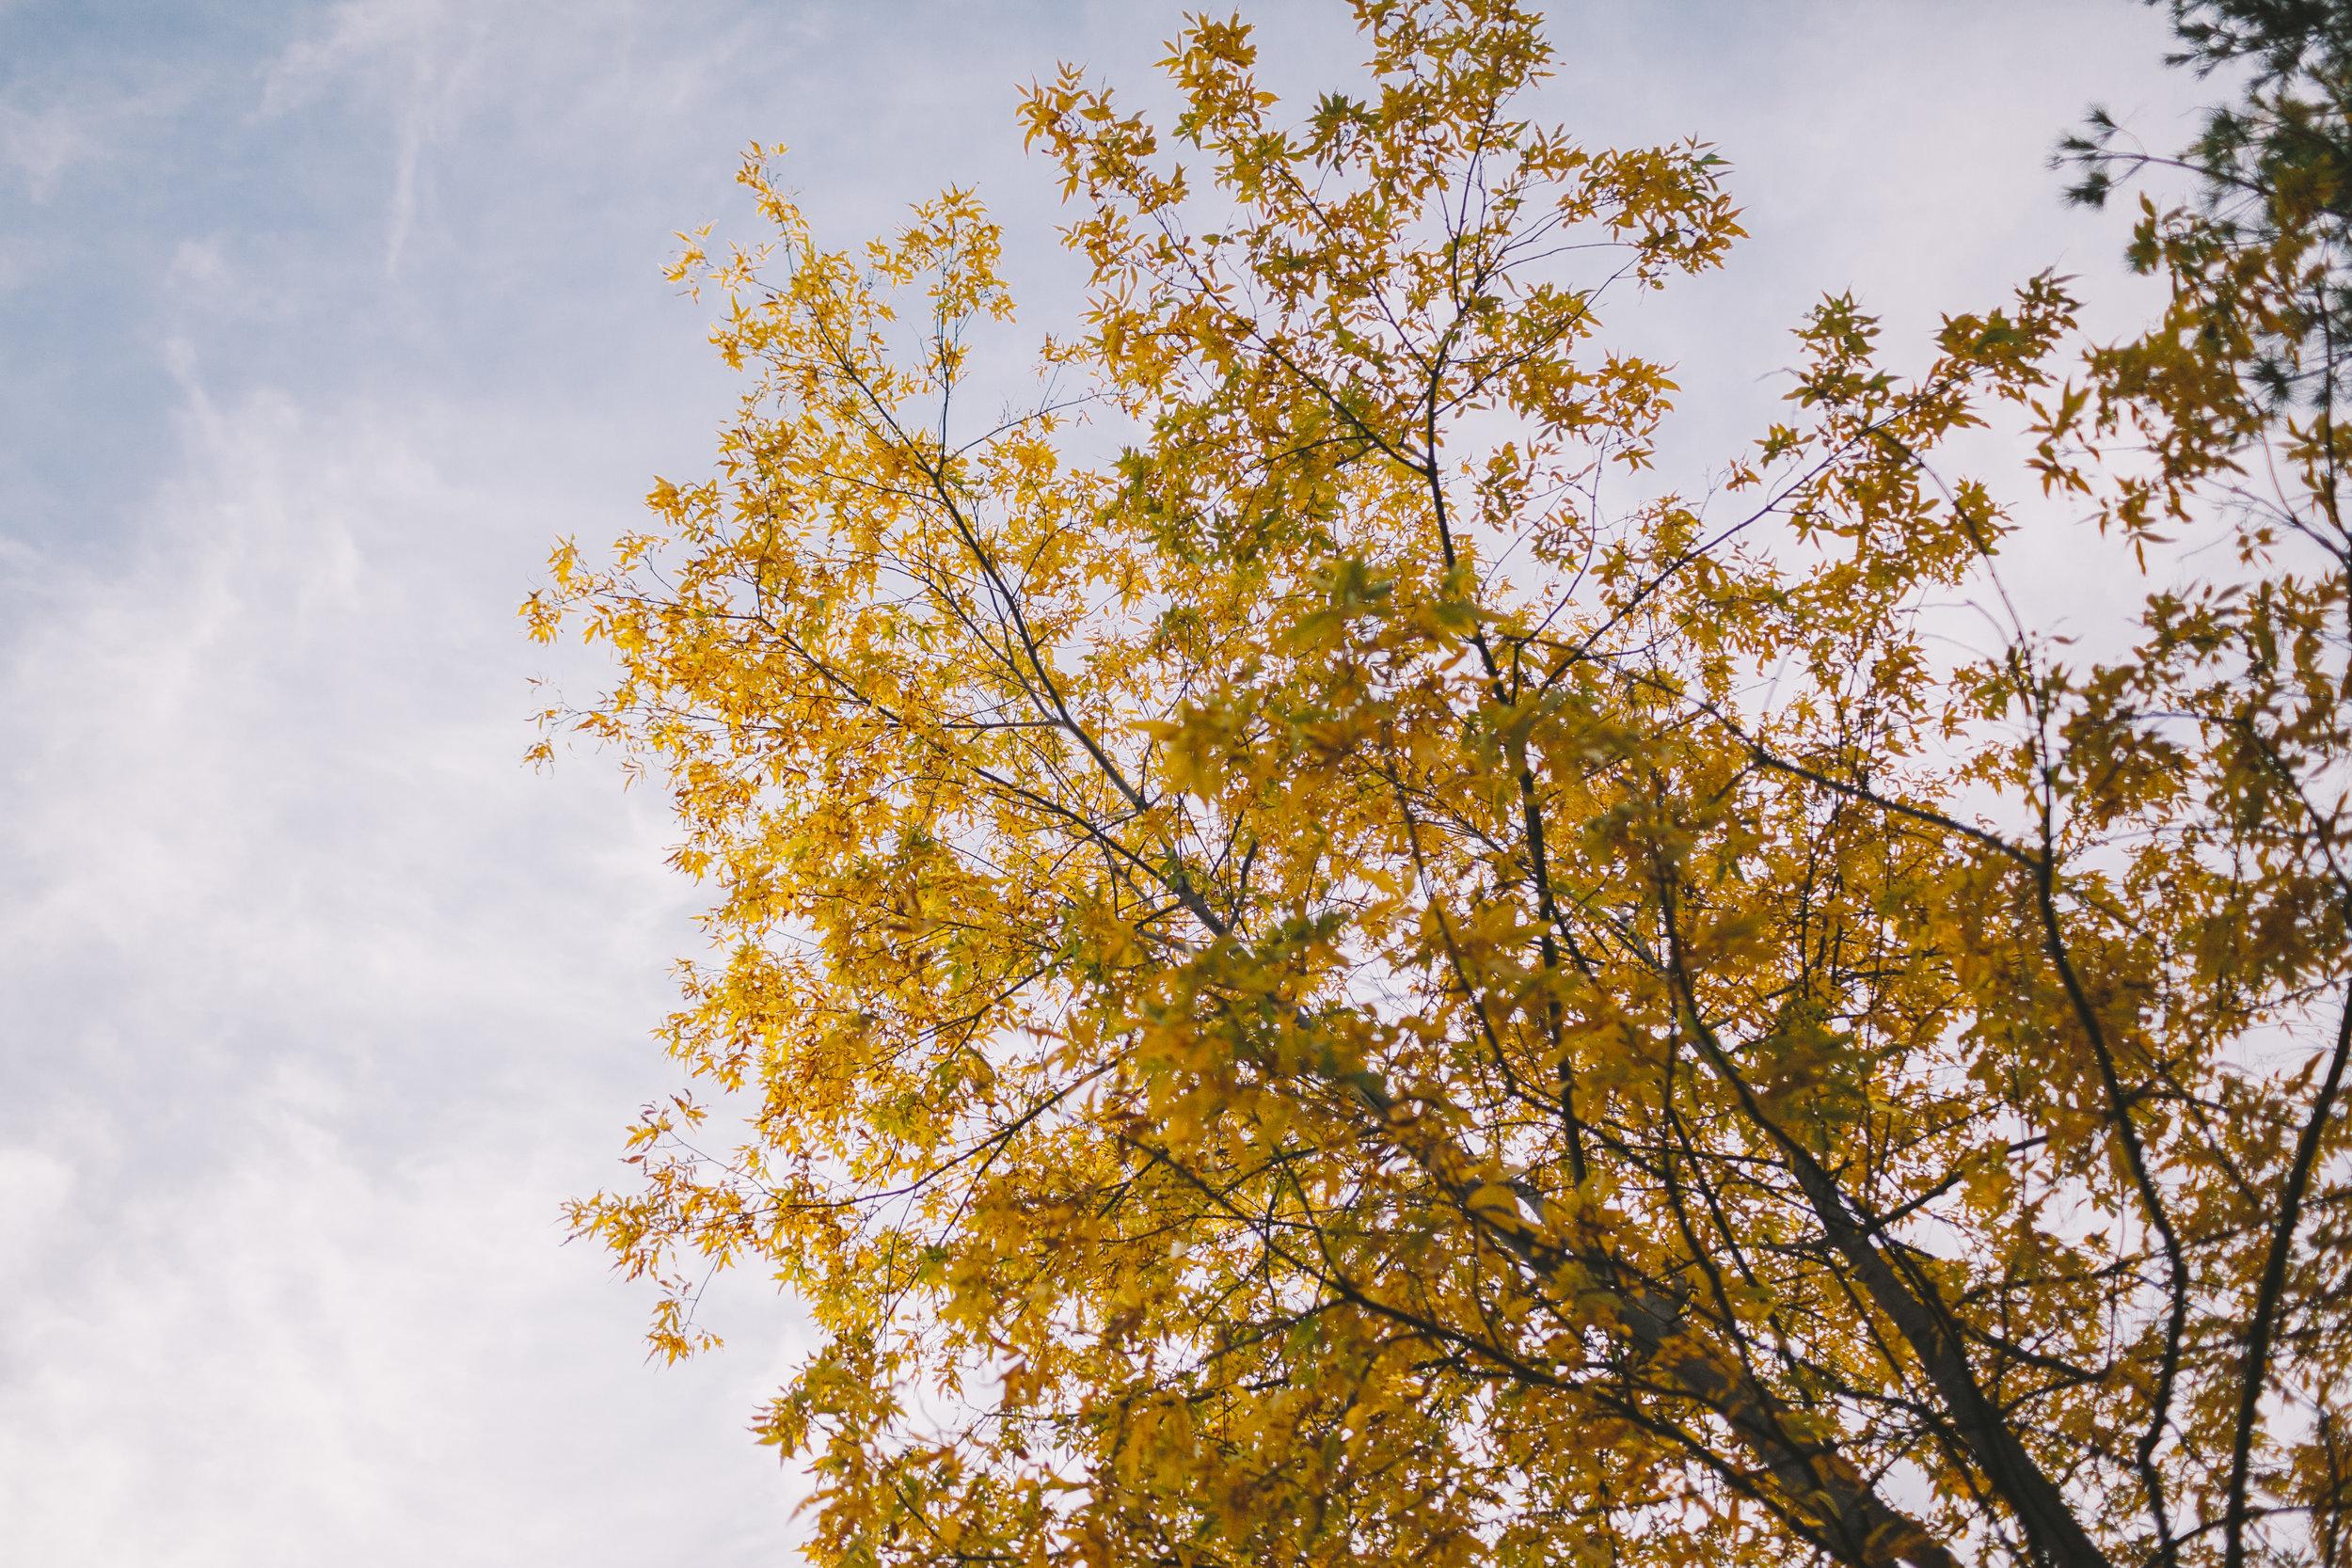 orange coloured leaves of fall